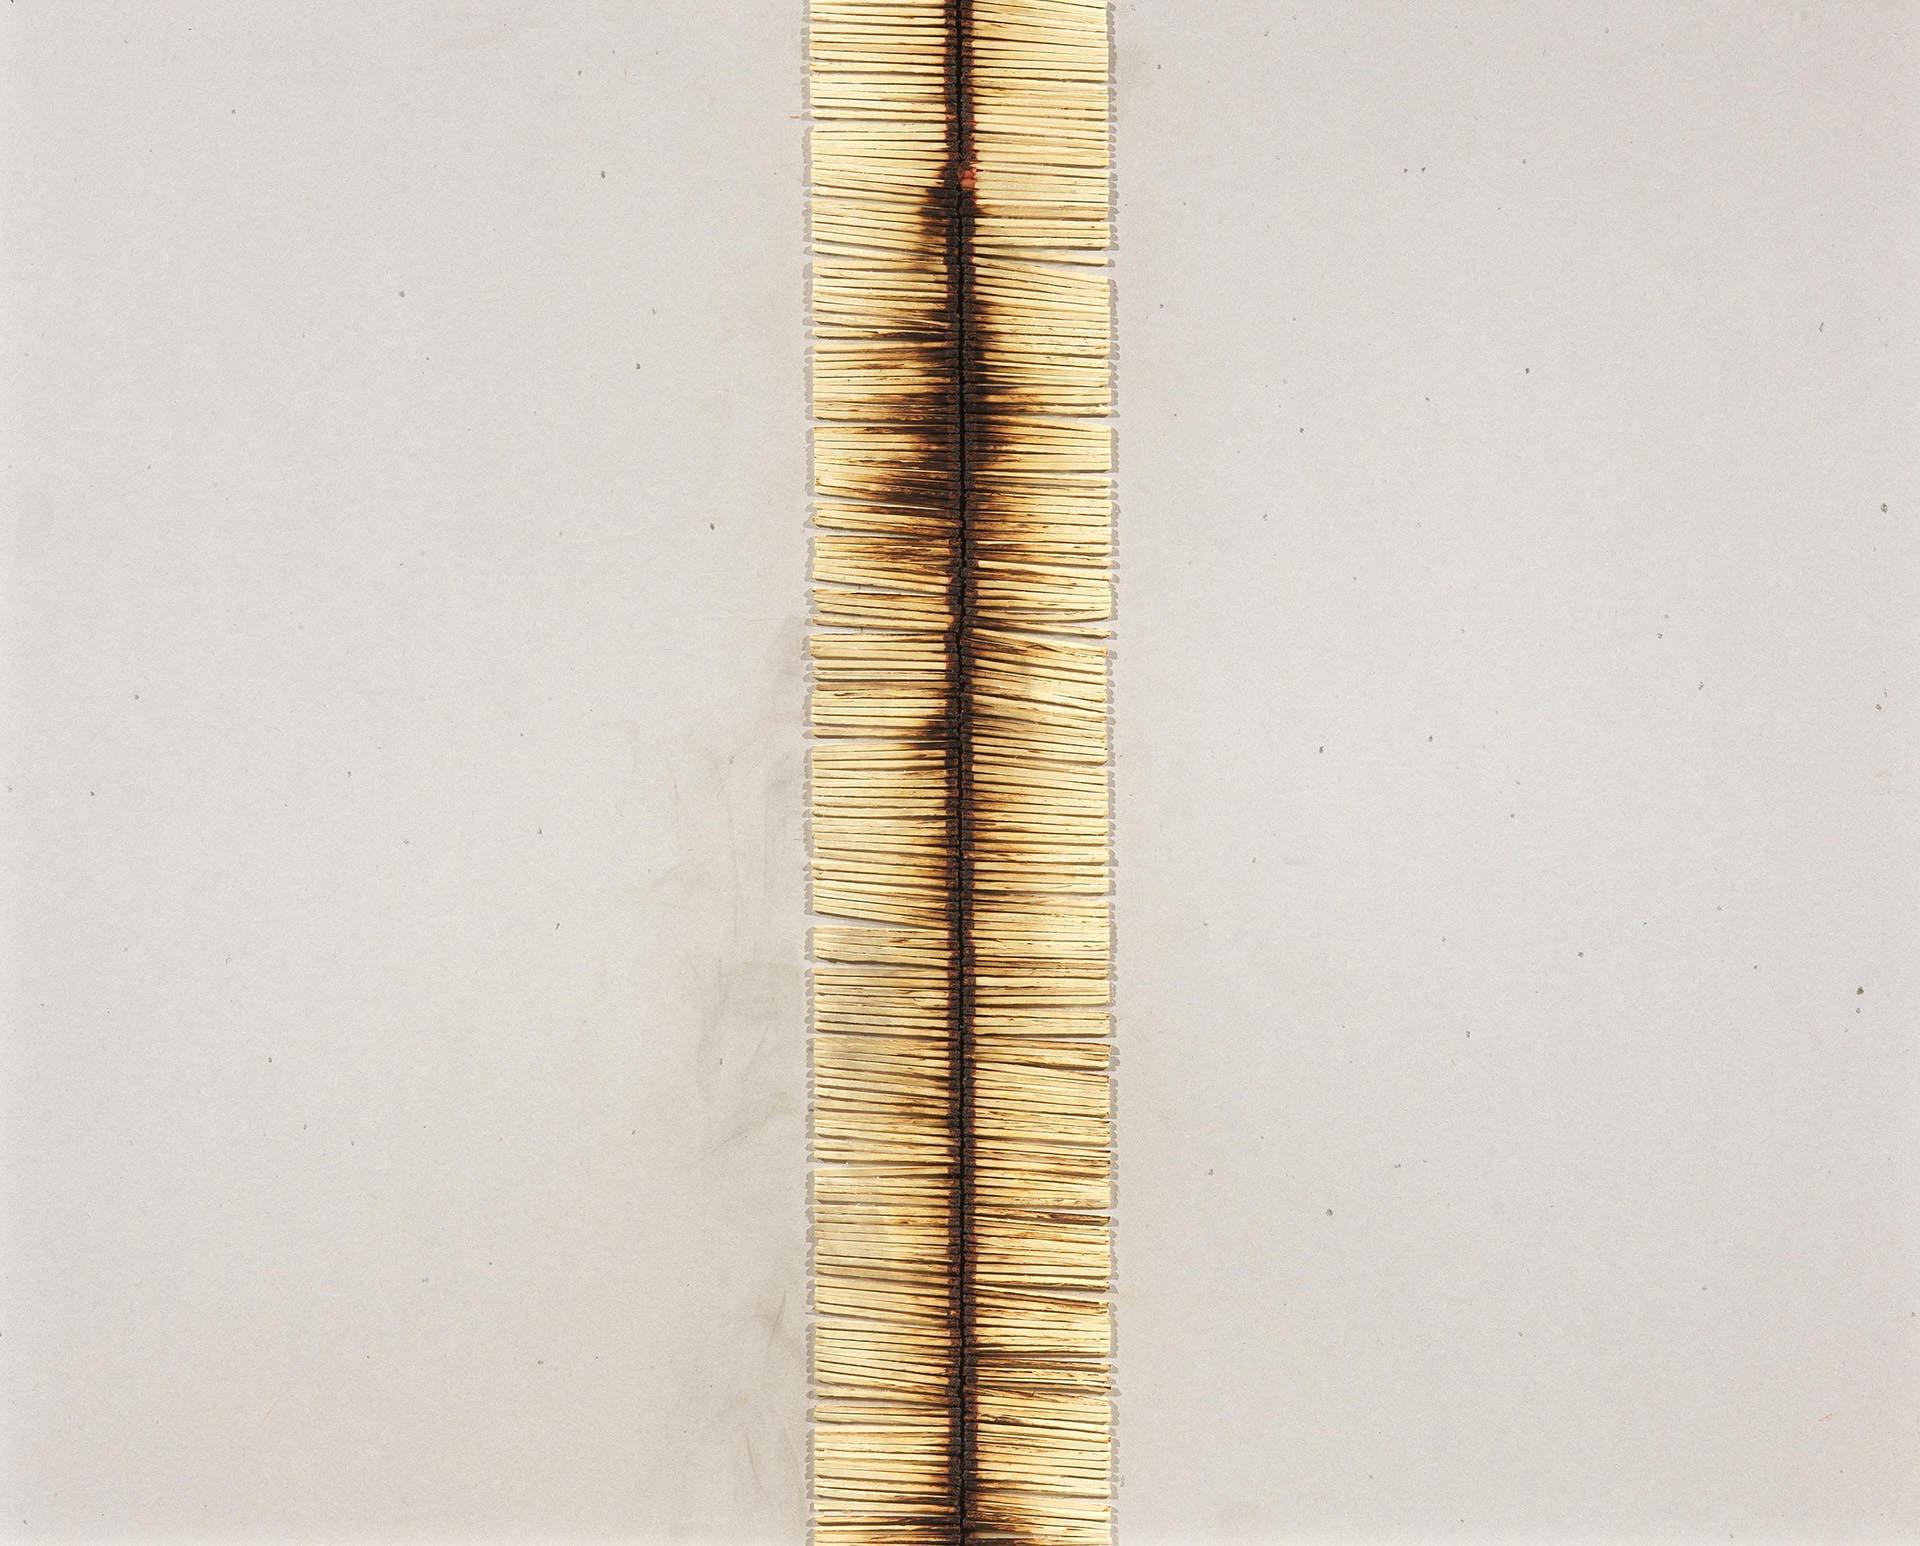 Aubertin, Dessin de feu, 1974, 51x65 cm